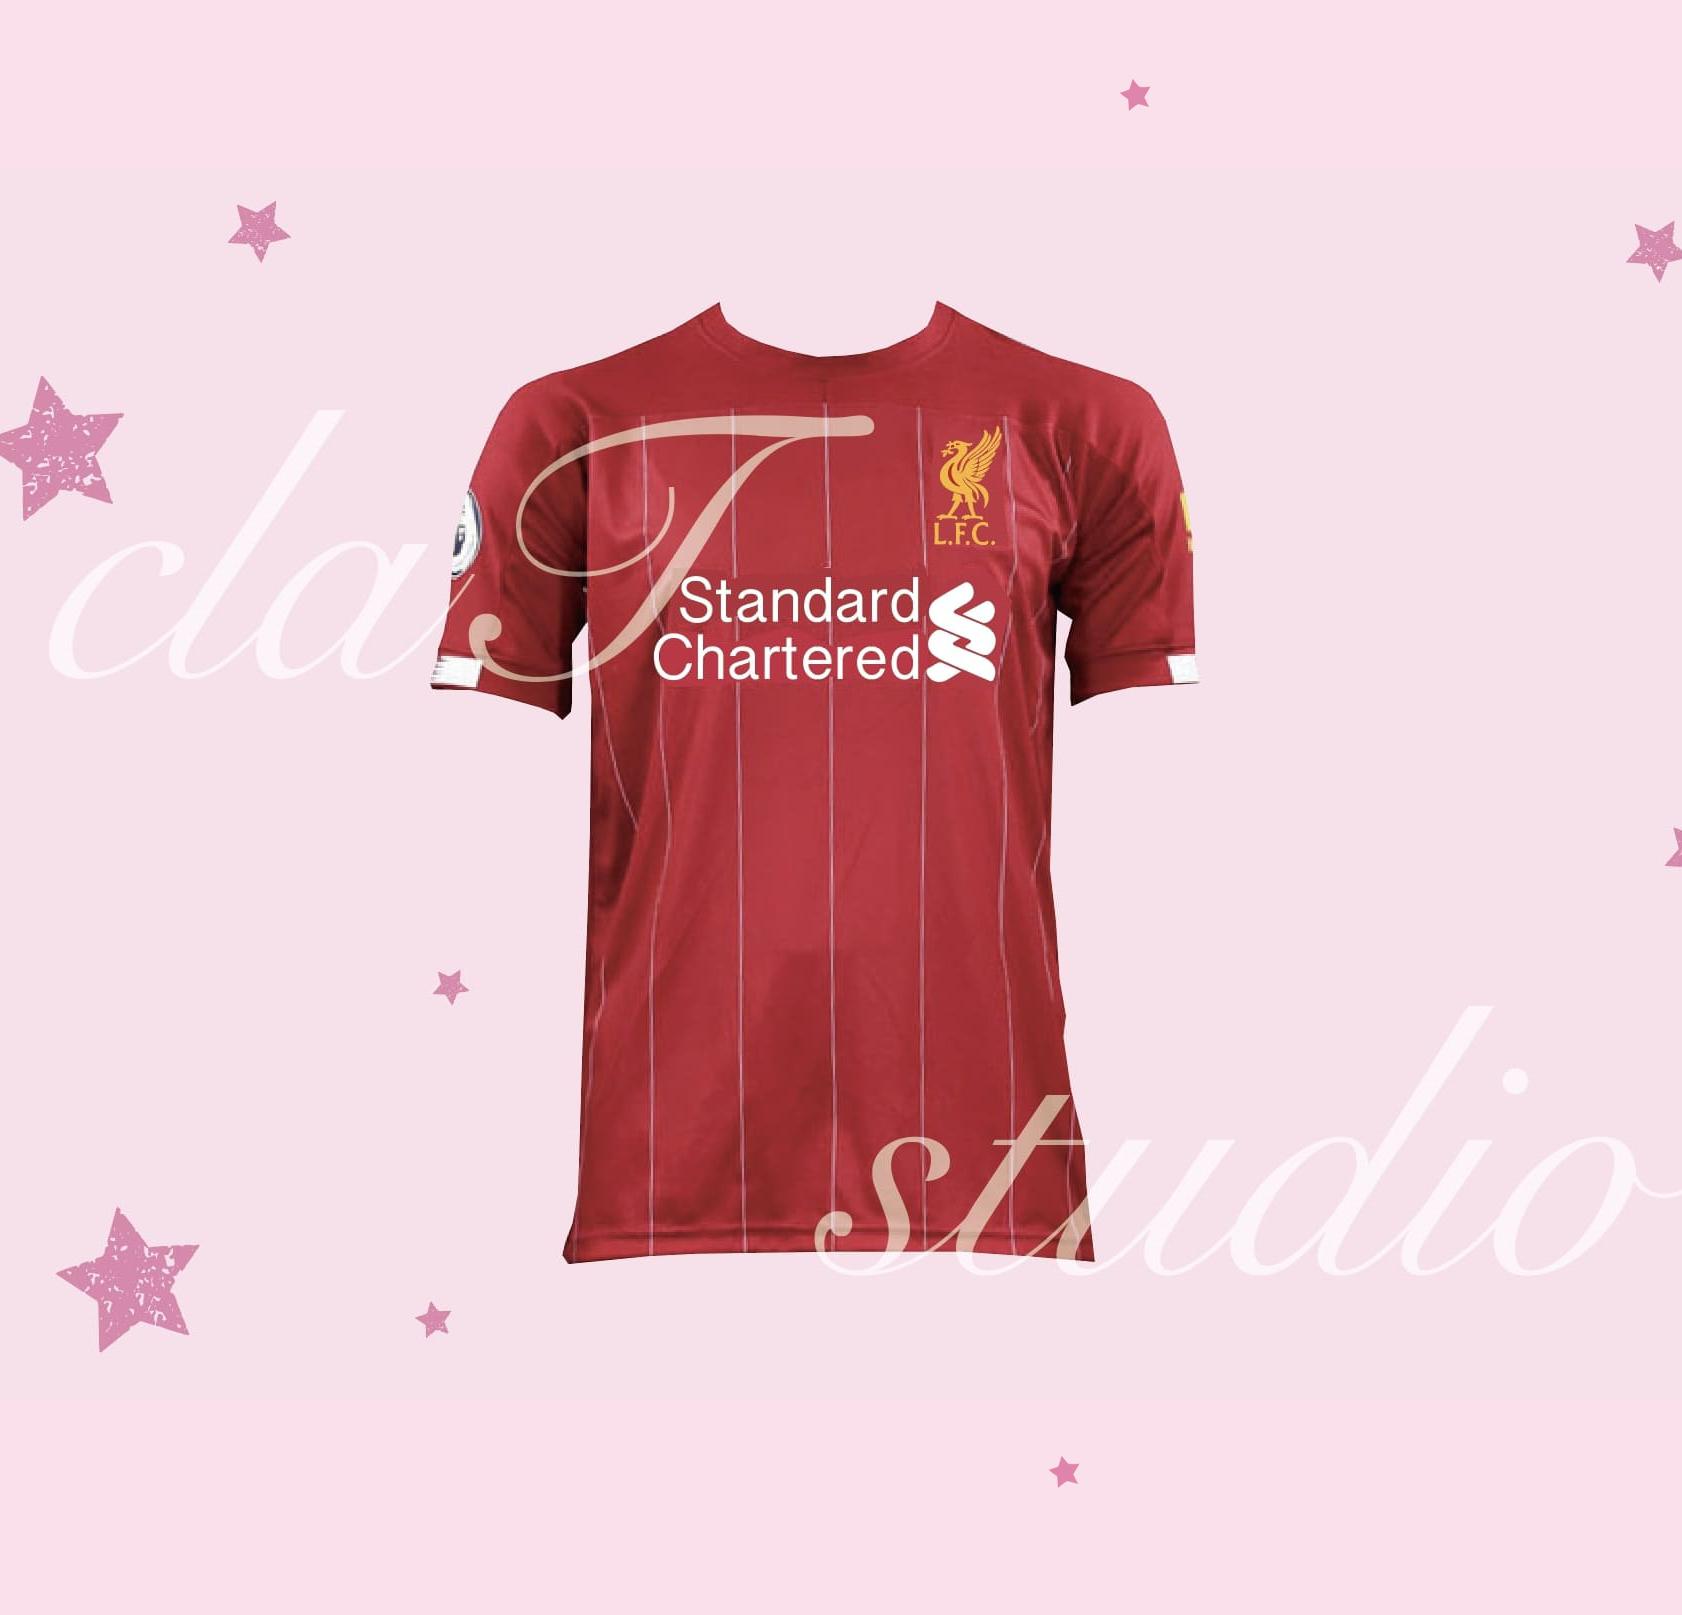 赤のサッカーユニフォームクラスtシャツ_image_0003